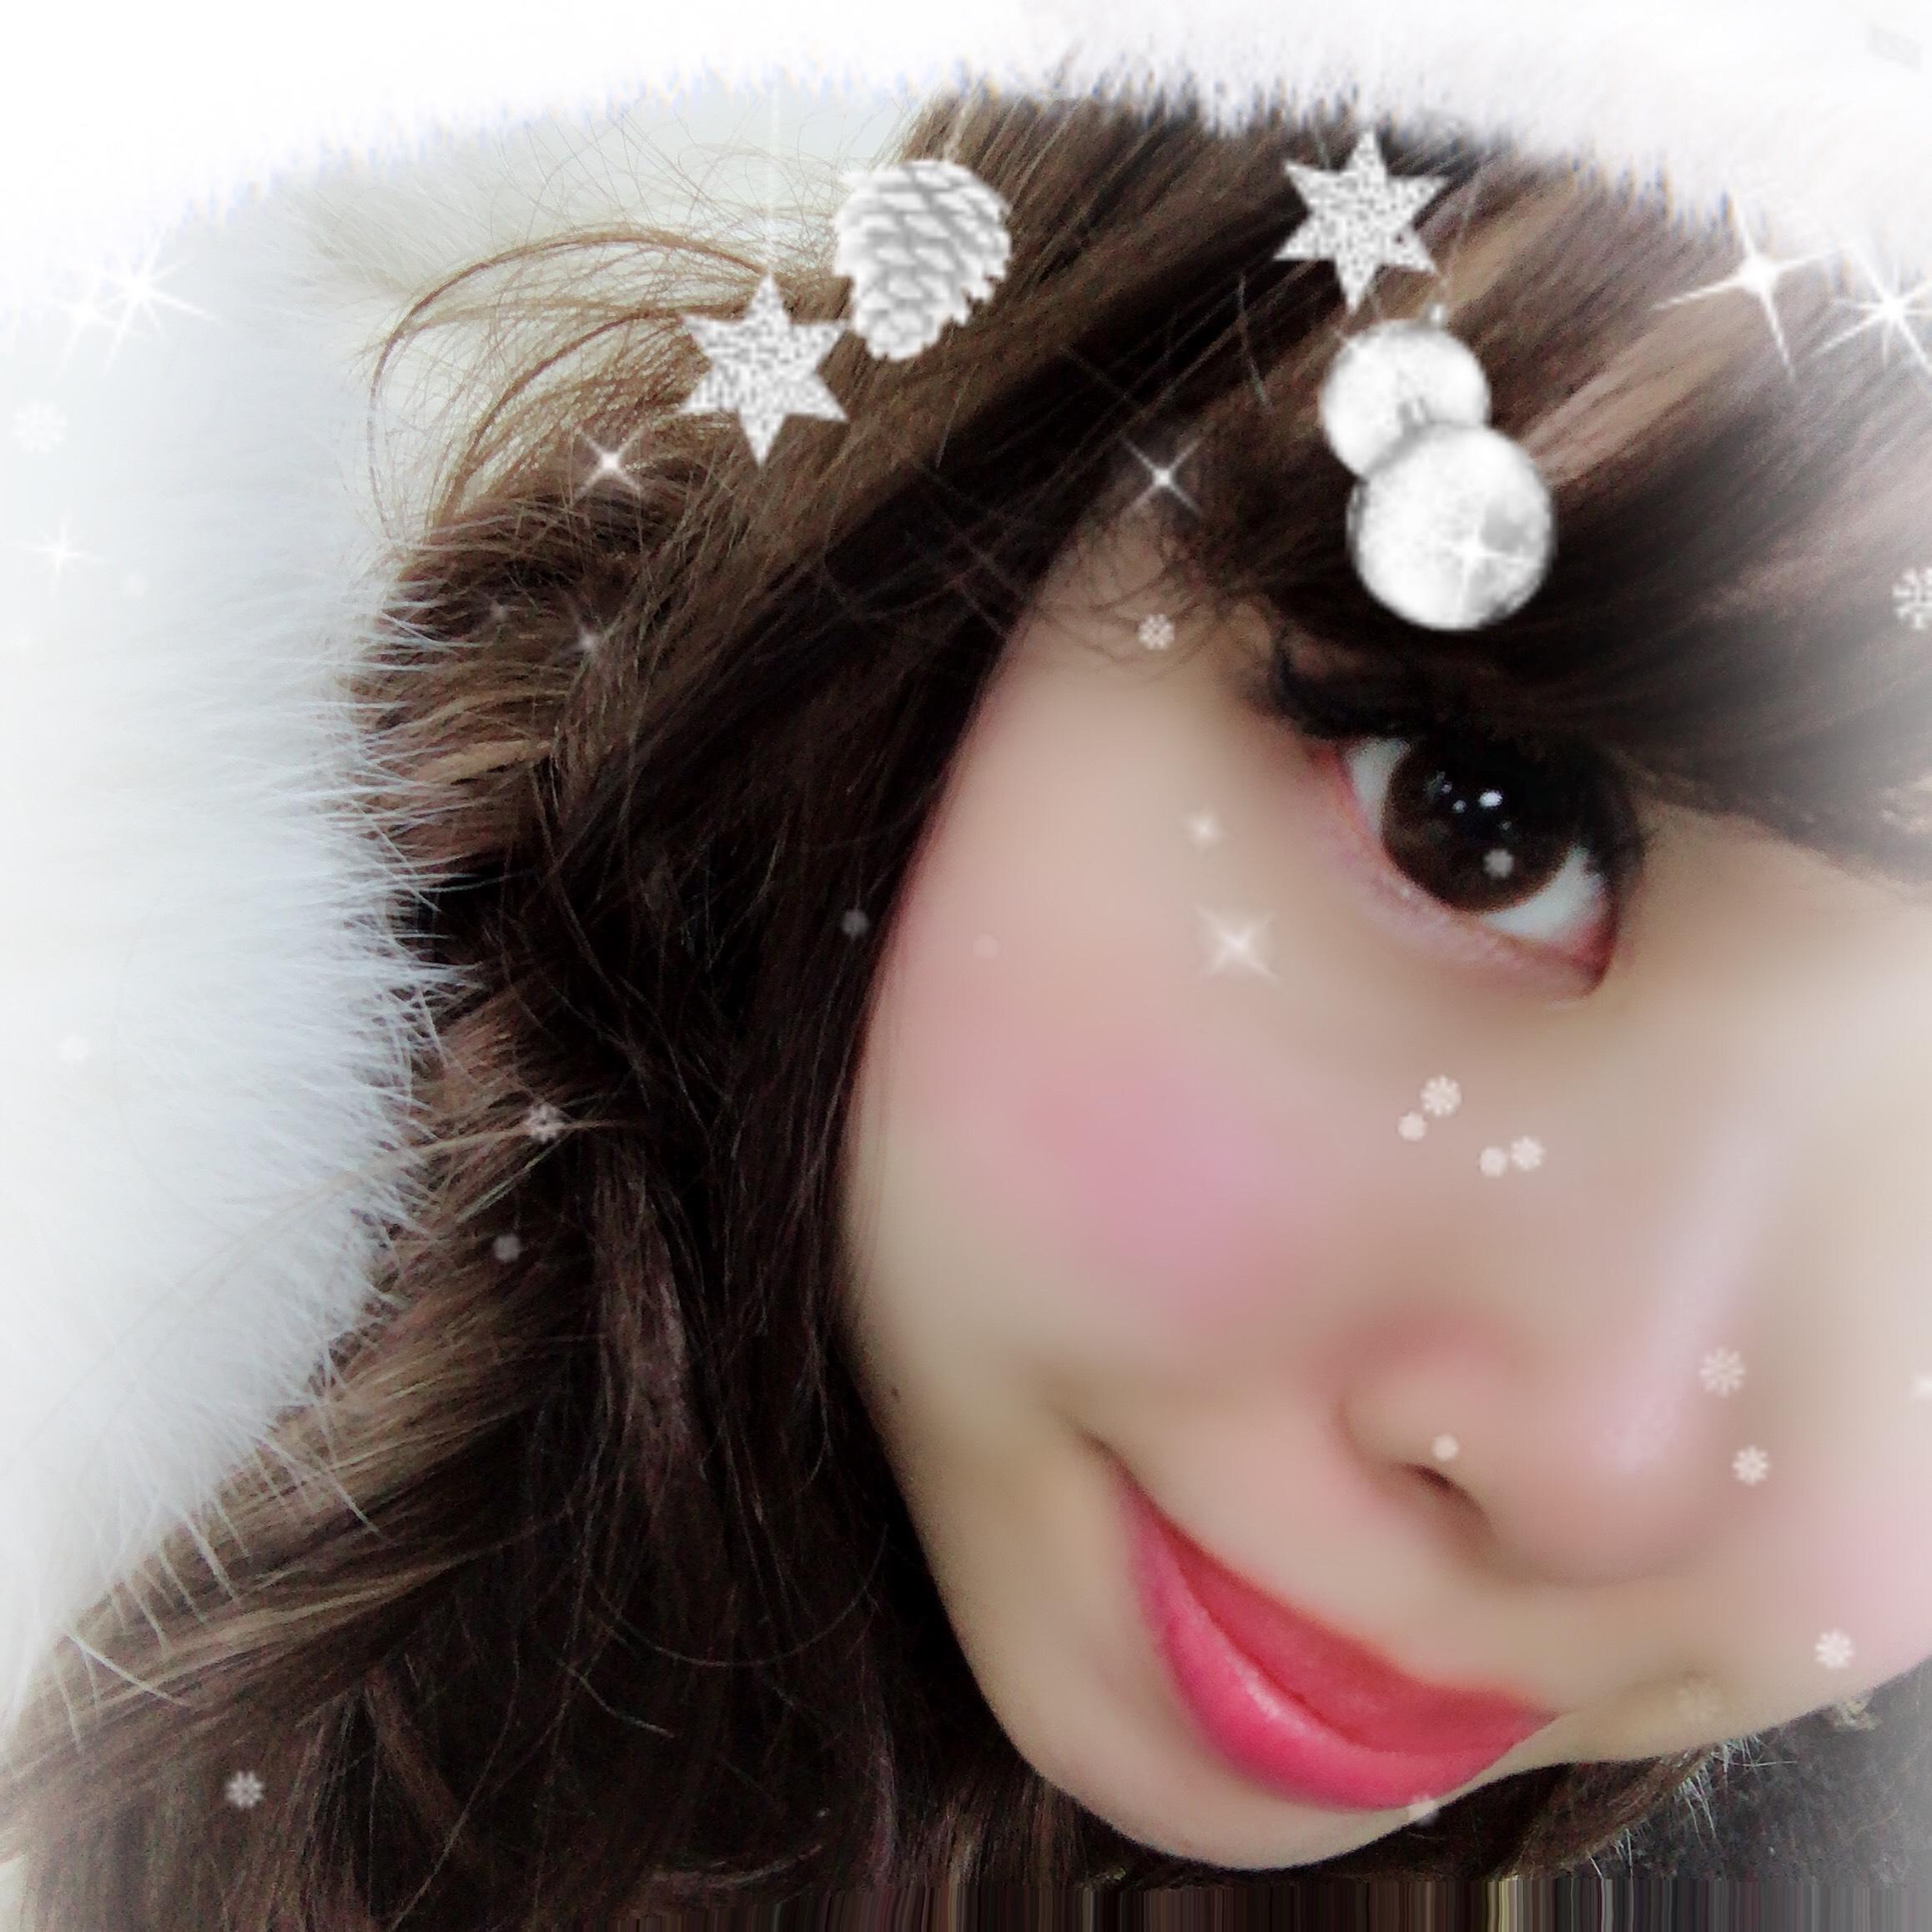 「ぎゅーっと」12/12(水) 20:44   しおりの写メ・風俗動画